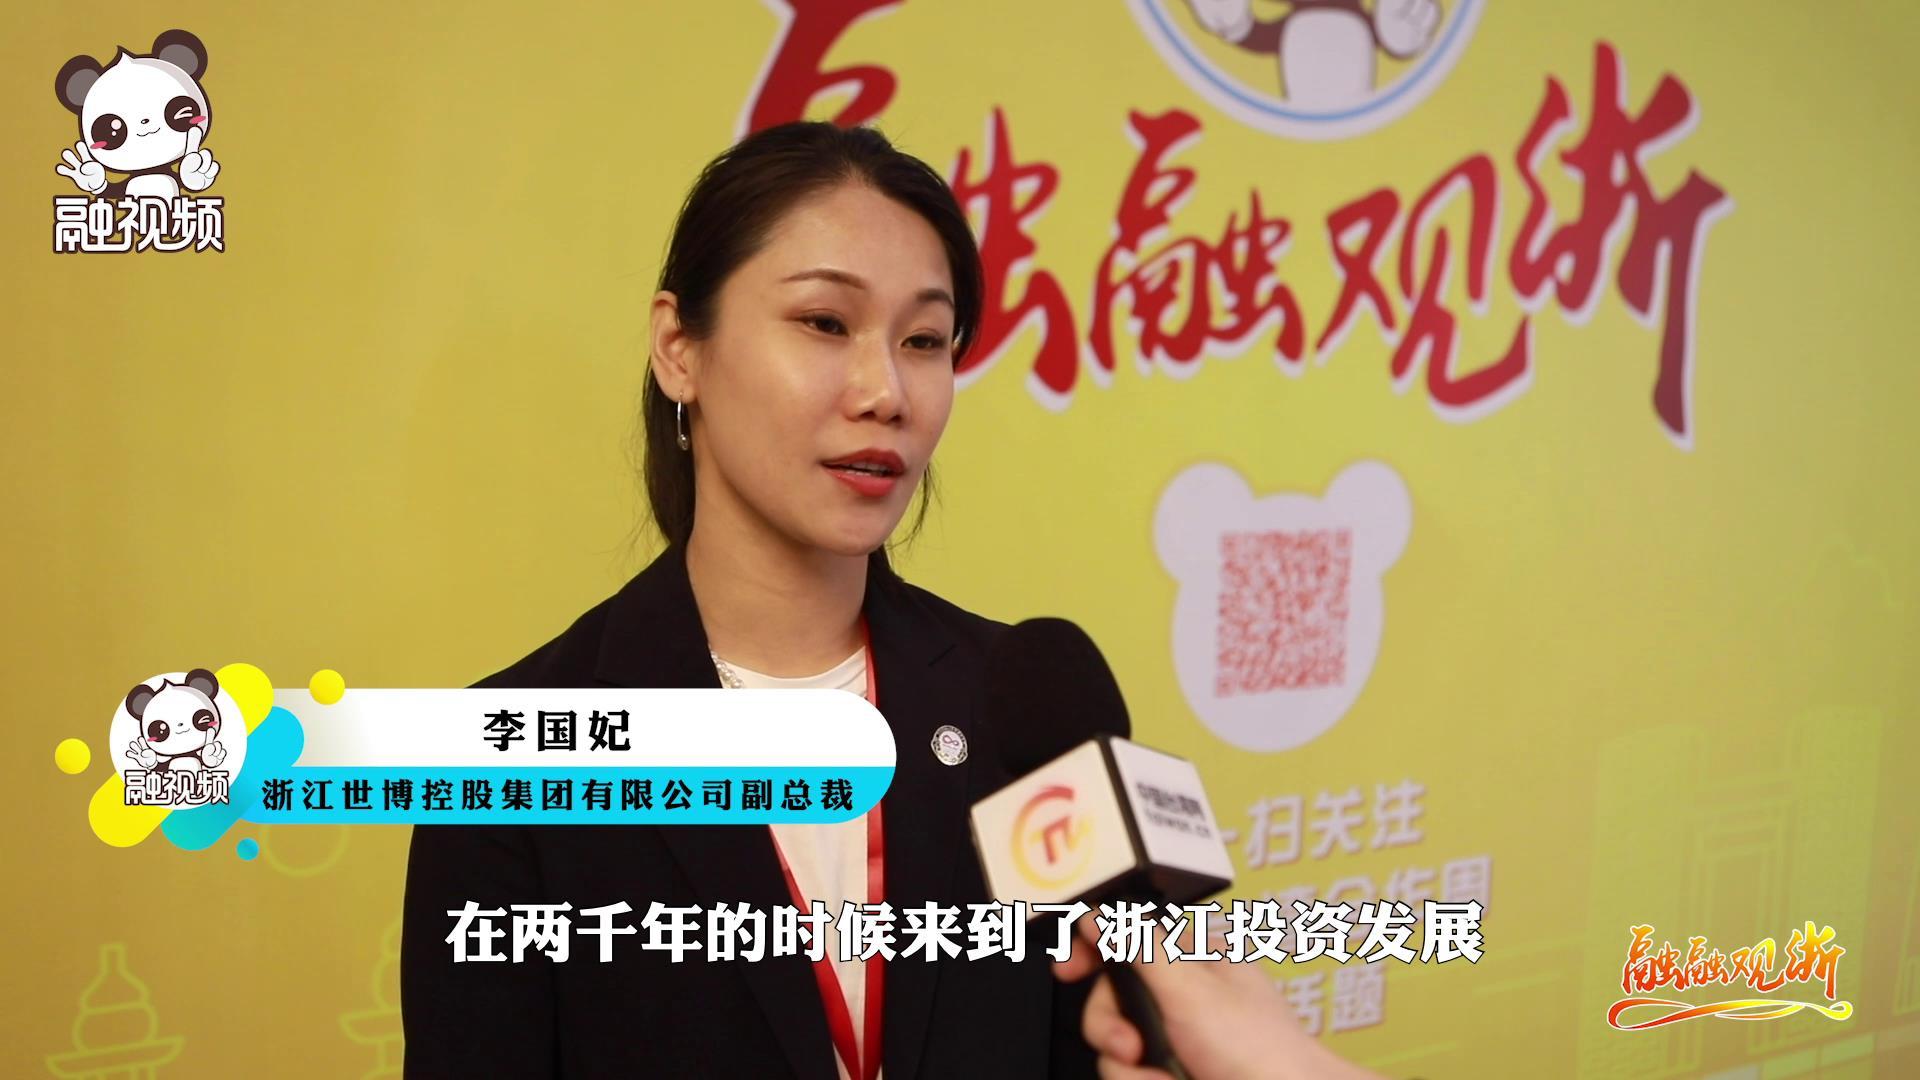 hg0088皇冠体育青年�讲述在浙投资生活经历 这是一座充满信¤任的地方图片